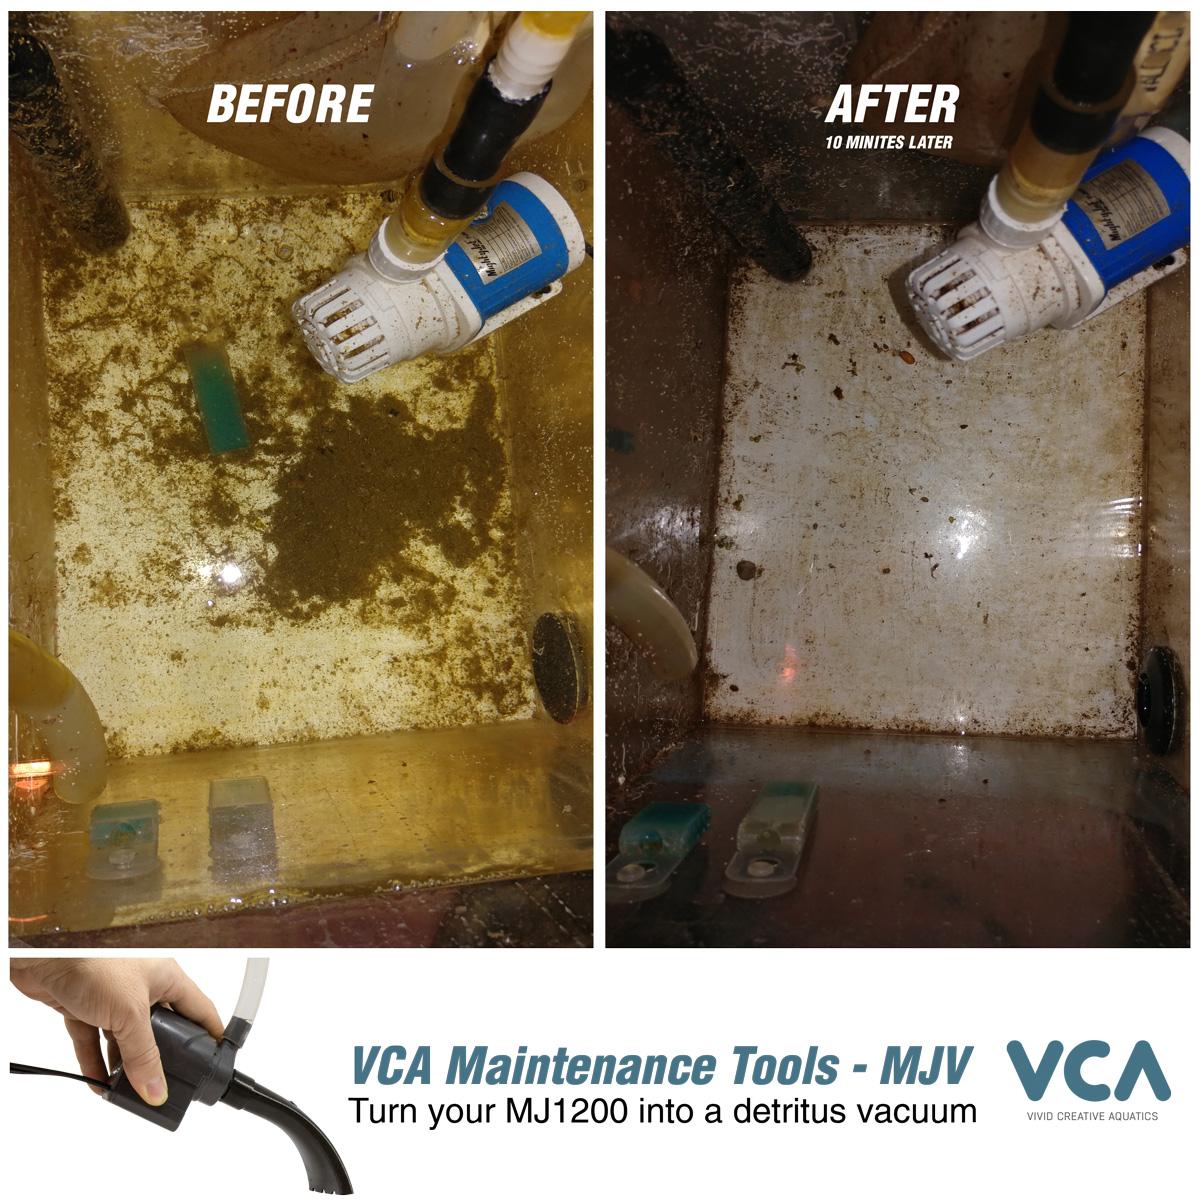 MJV-Vacuum-Before-after.jpg